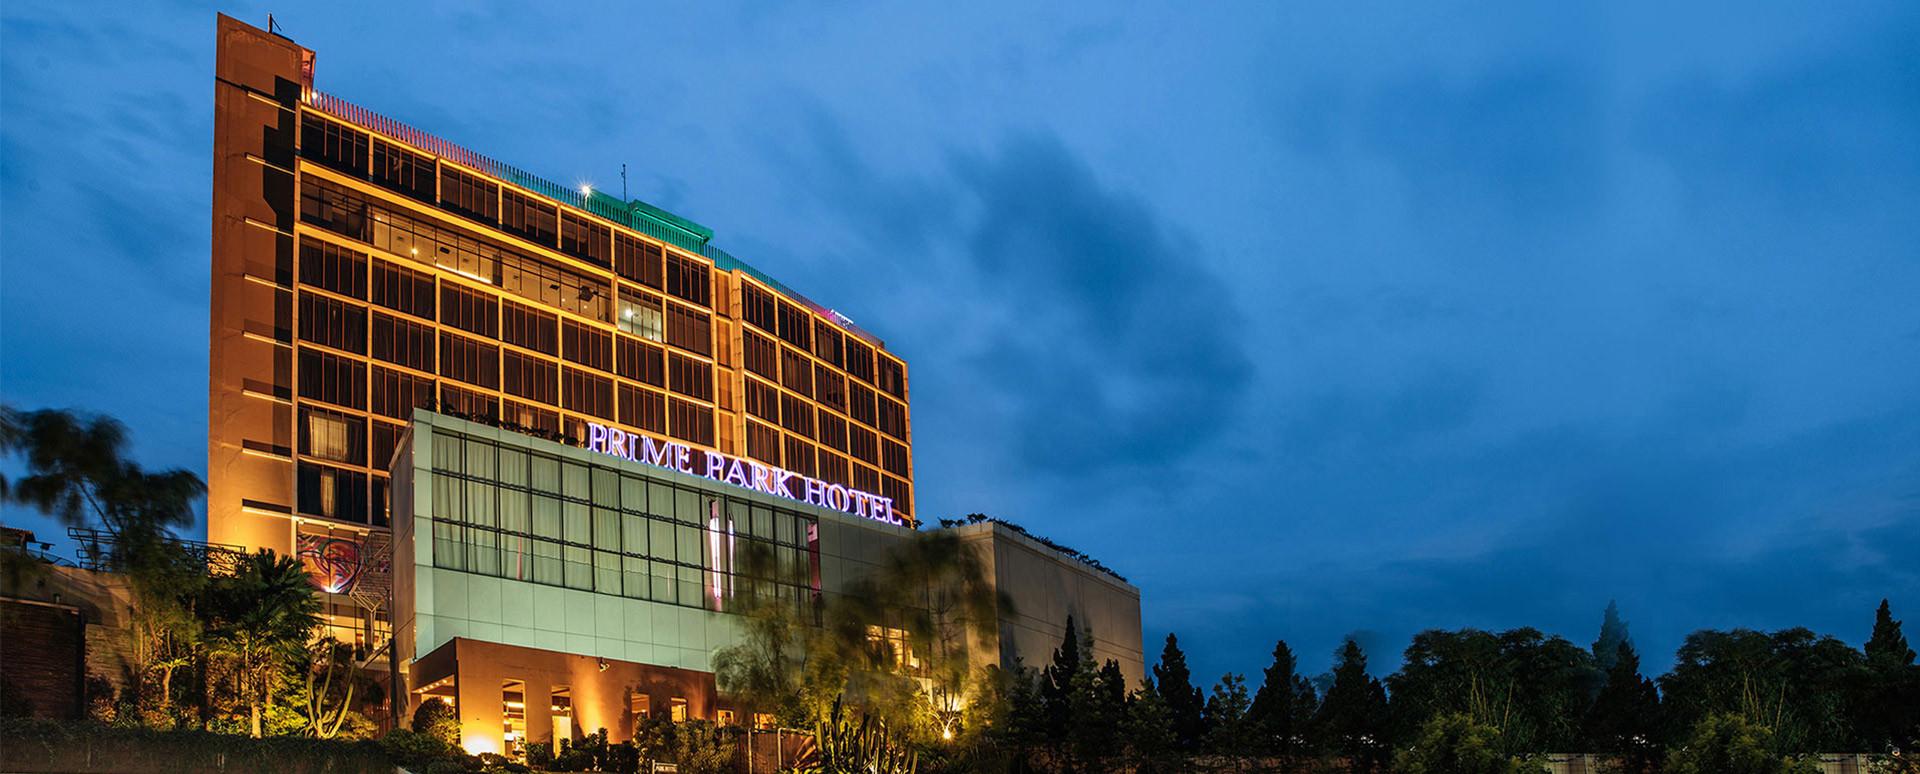 img-slide-premier-park-hotel